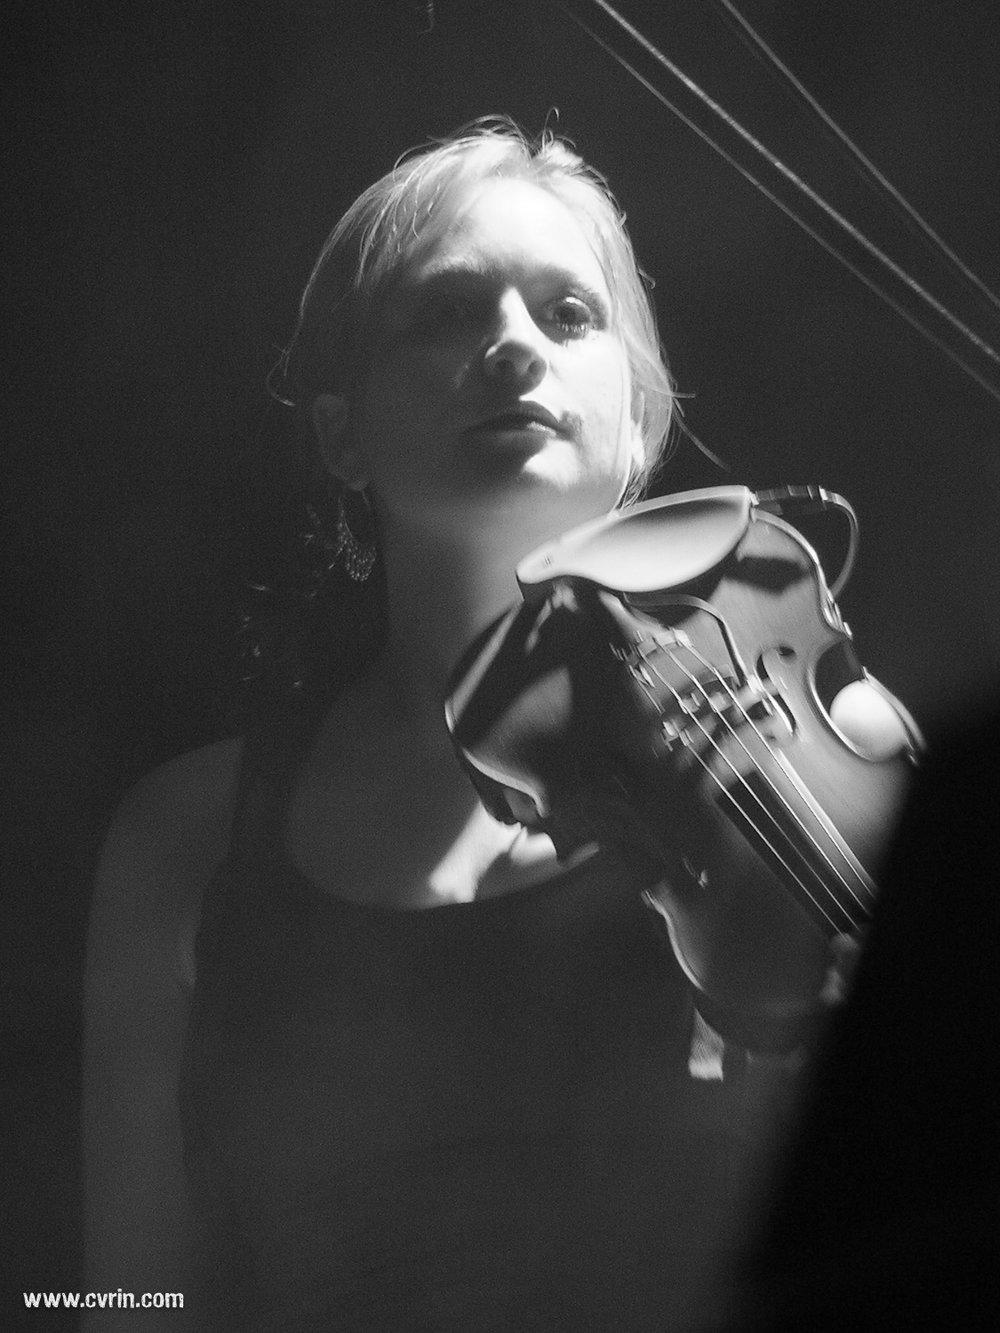 Elodie Steinegger Le Nouveau Monde, Fribourg, Suisse • 28.10.06